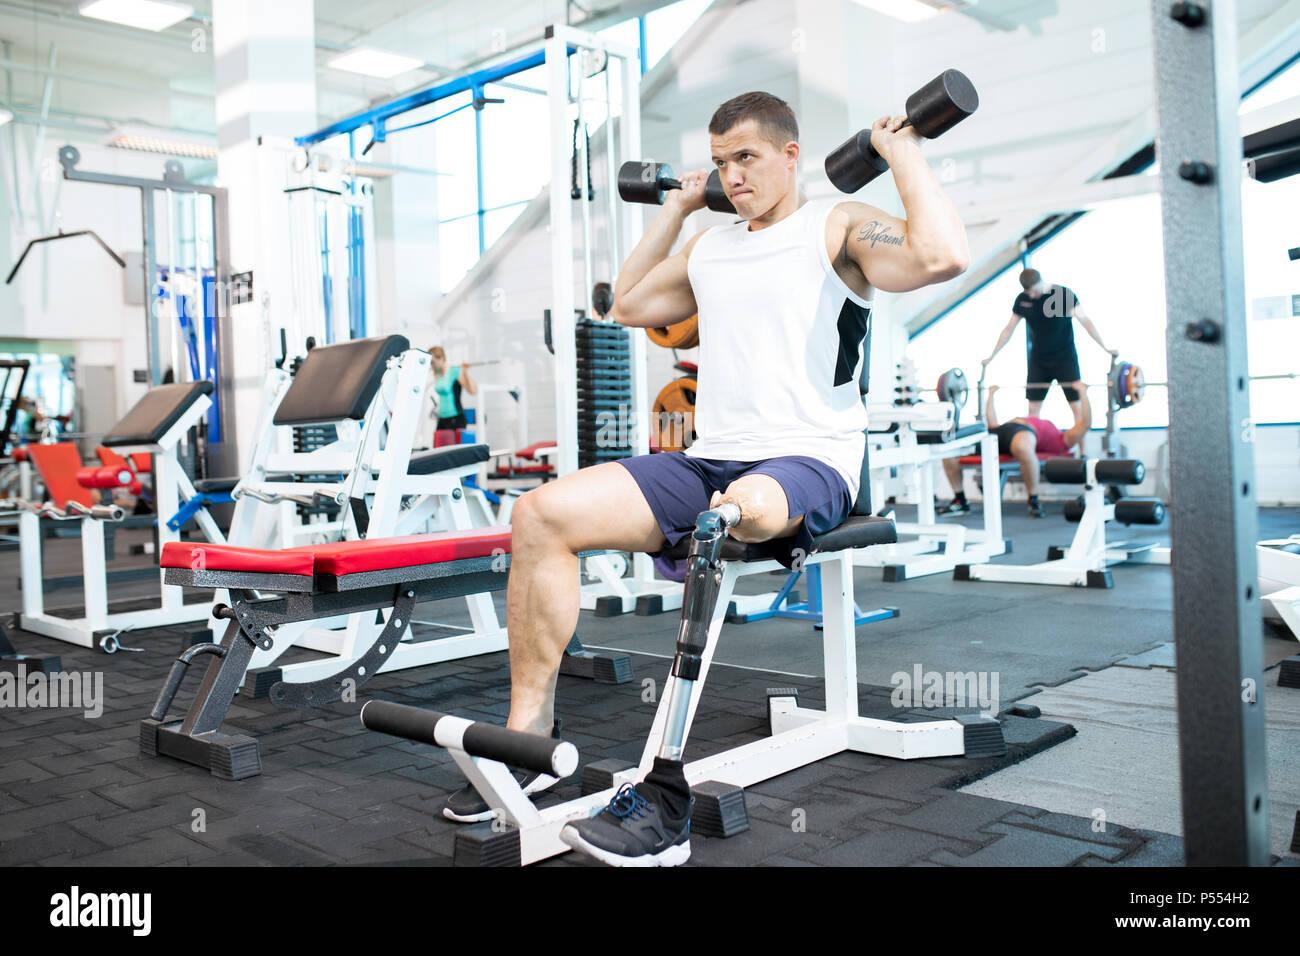 Deportista discapacitado entrenamiento en el gimnasio Imagen De Stock